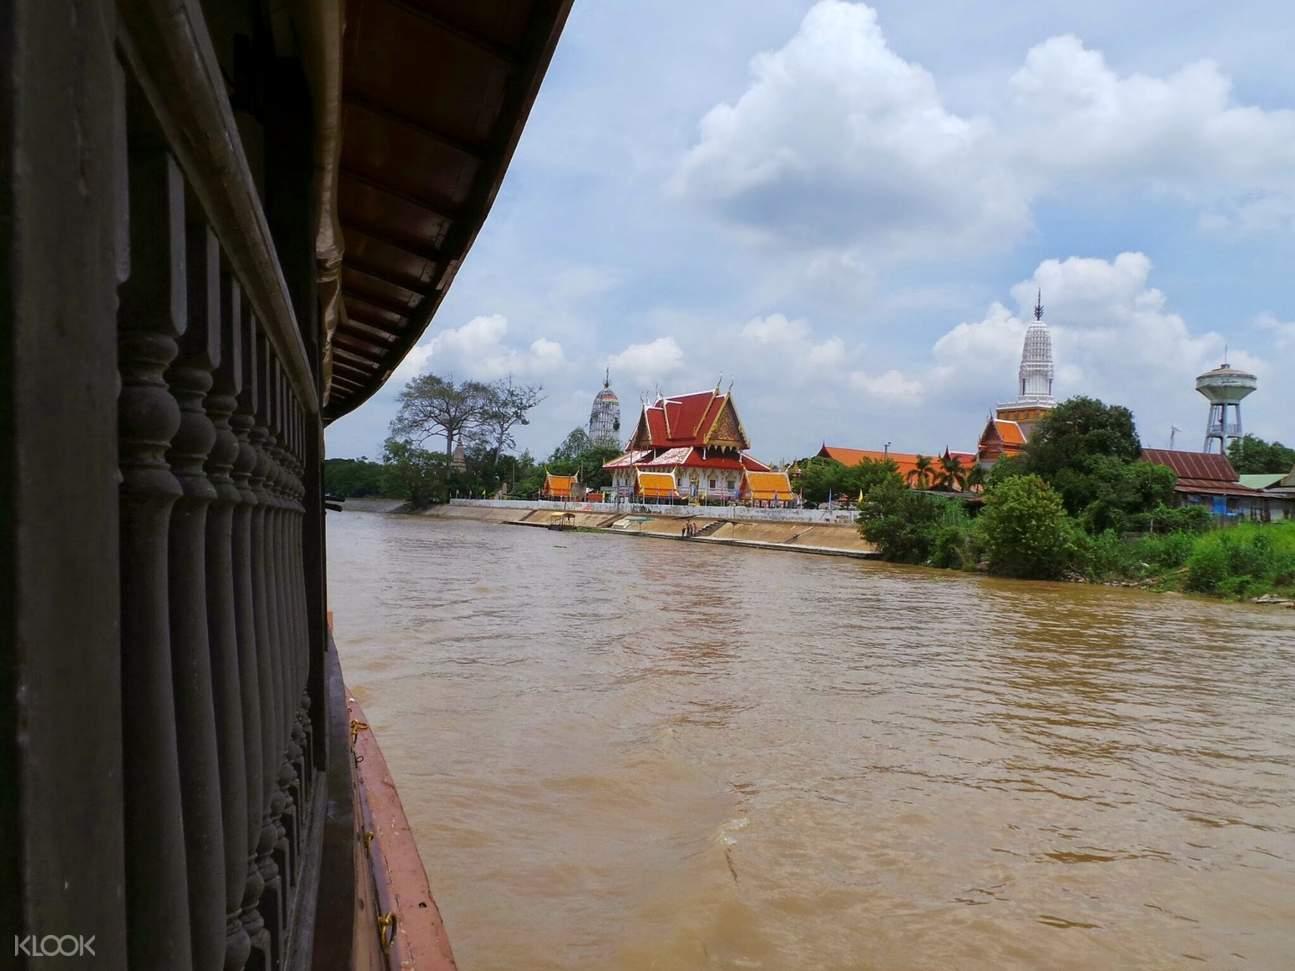 Cruise along the Chaophraya River in Ayutthaya